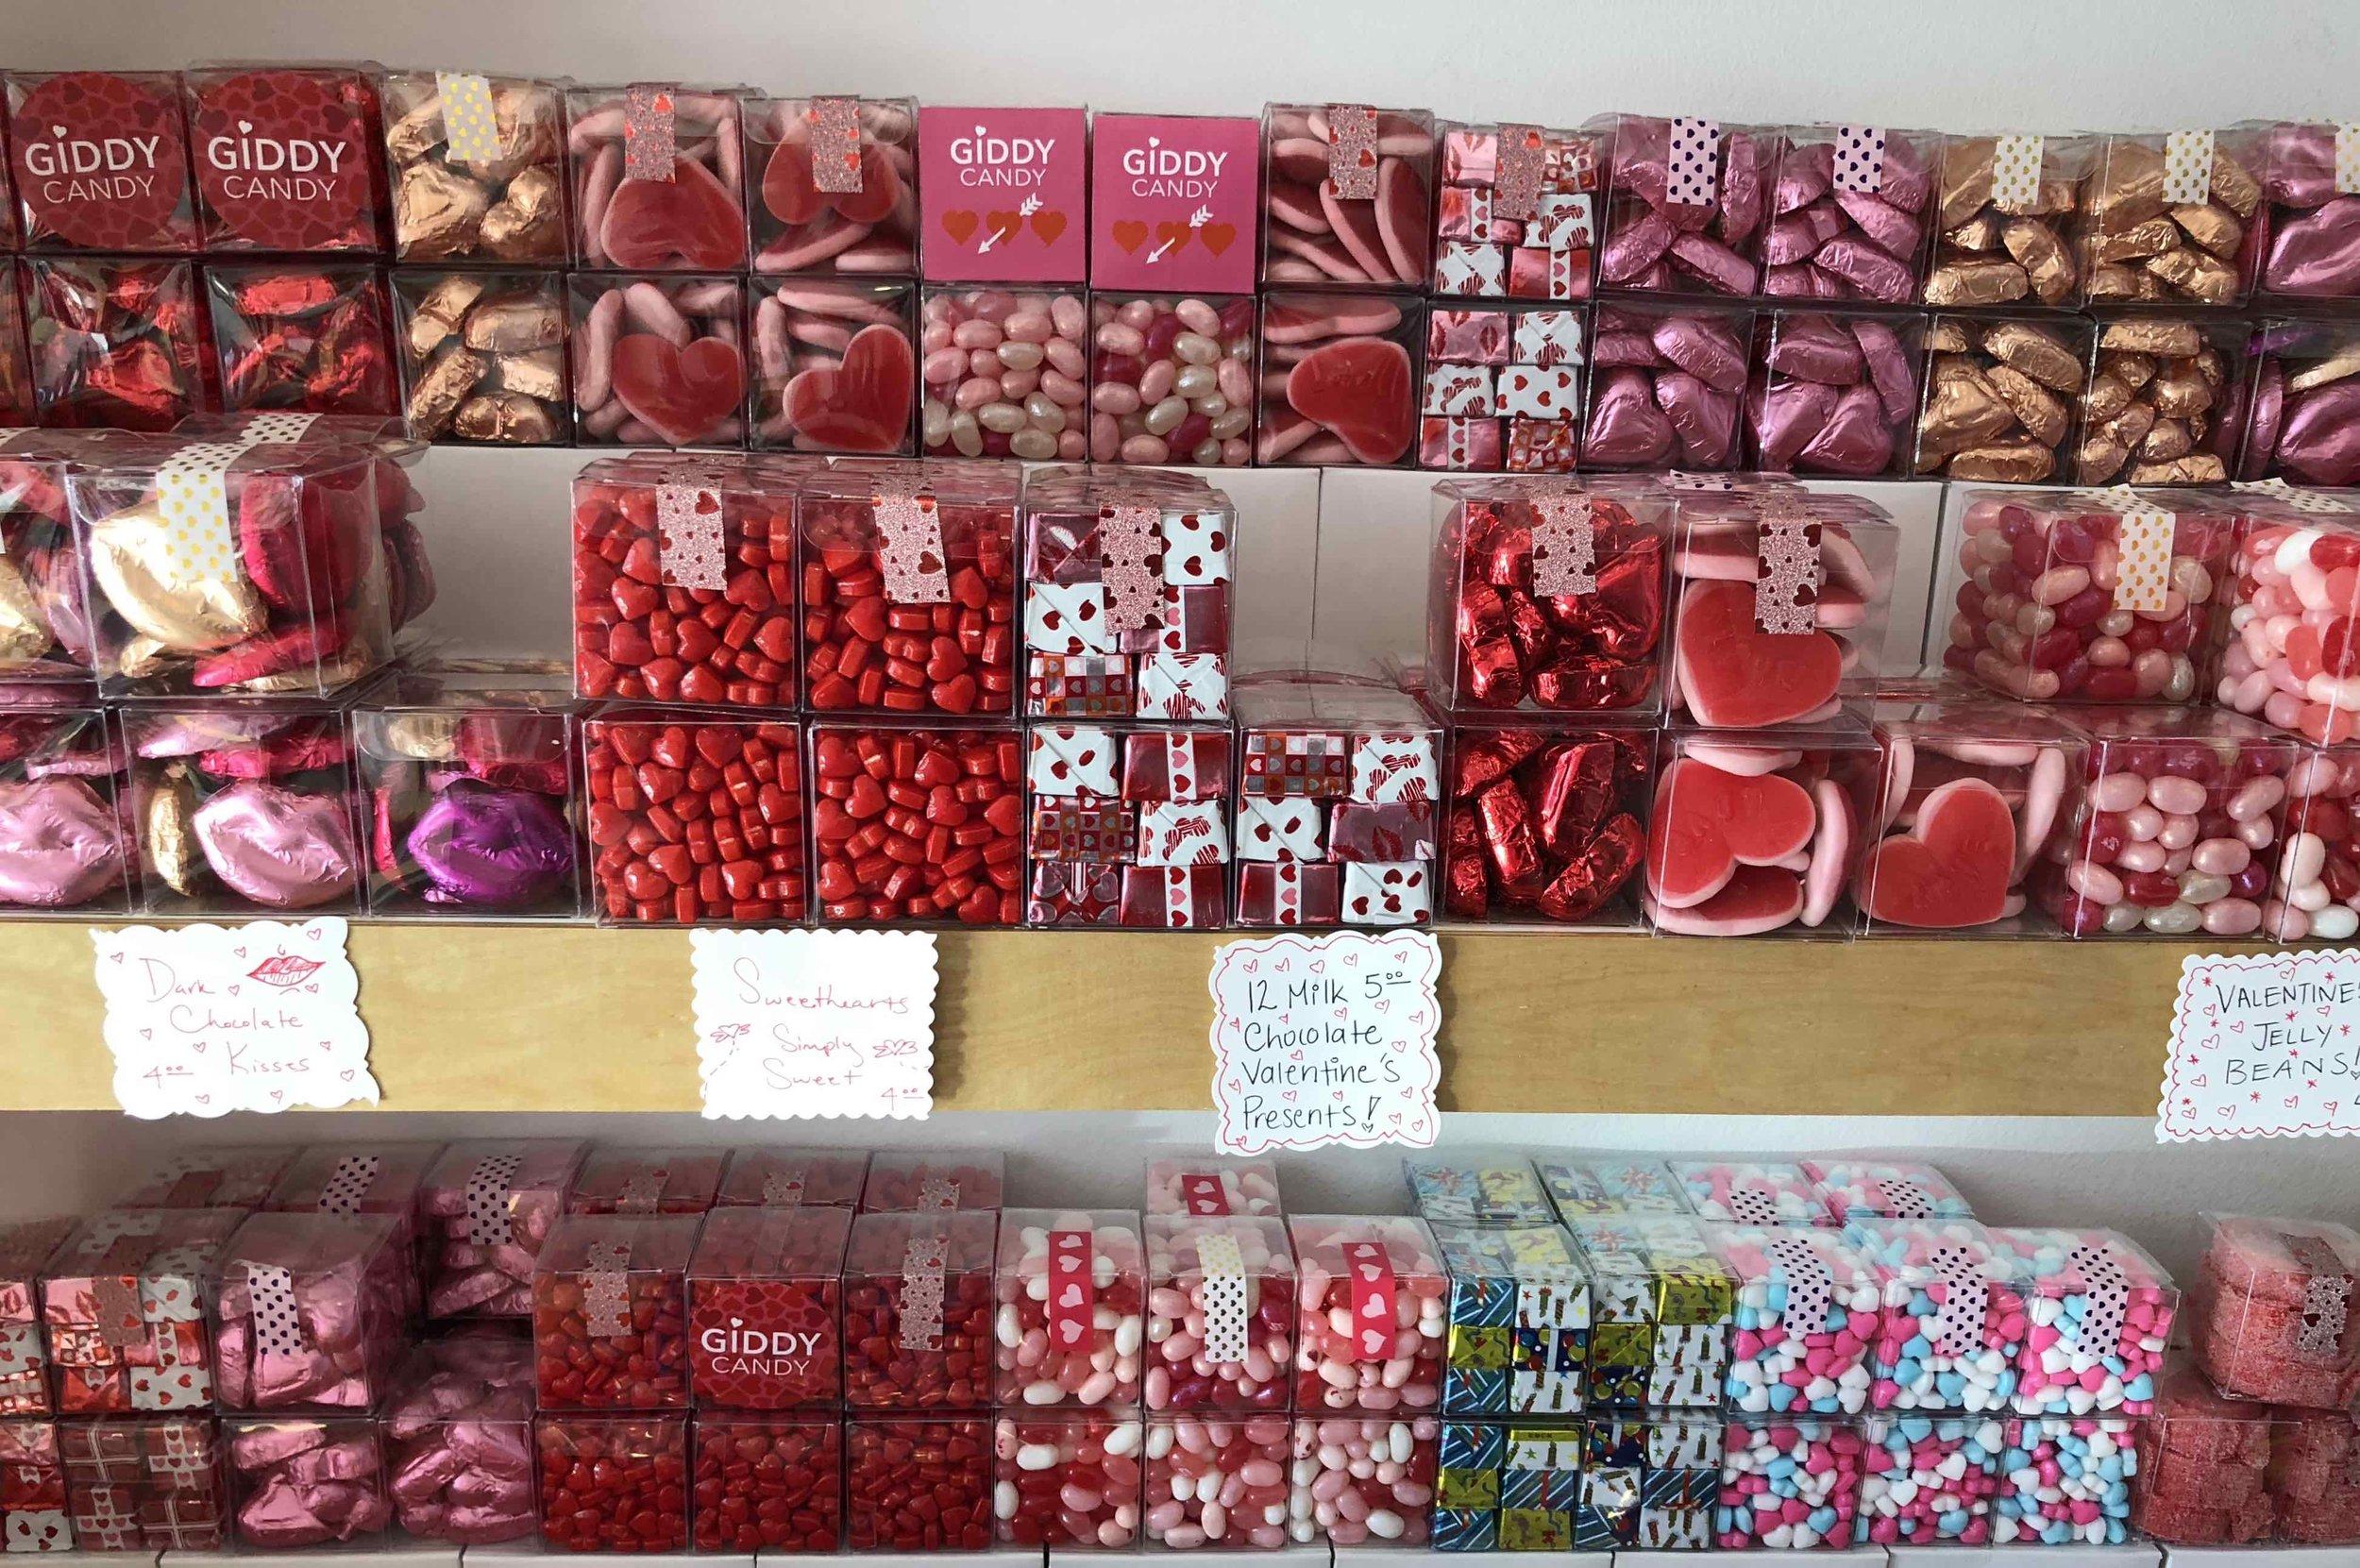 chocolates at Giddy